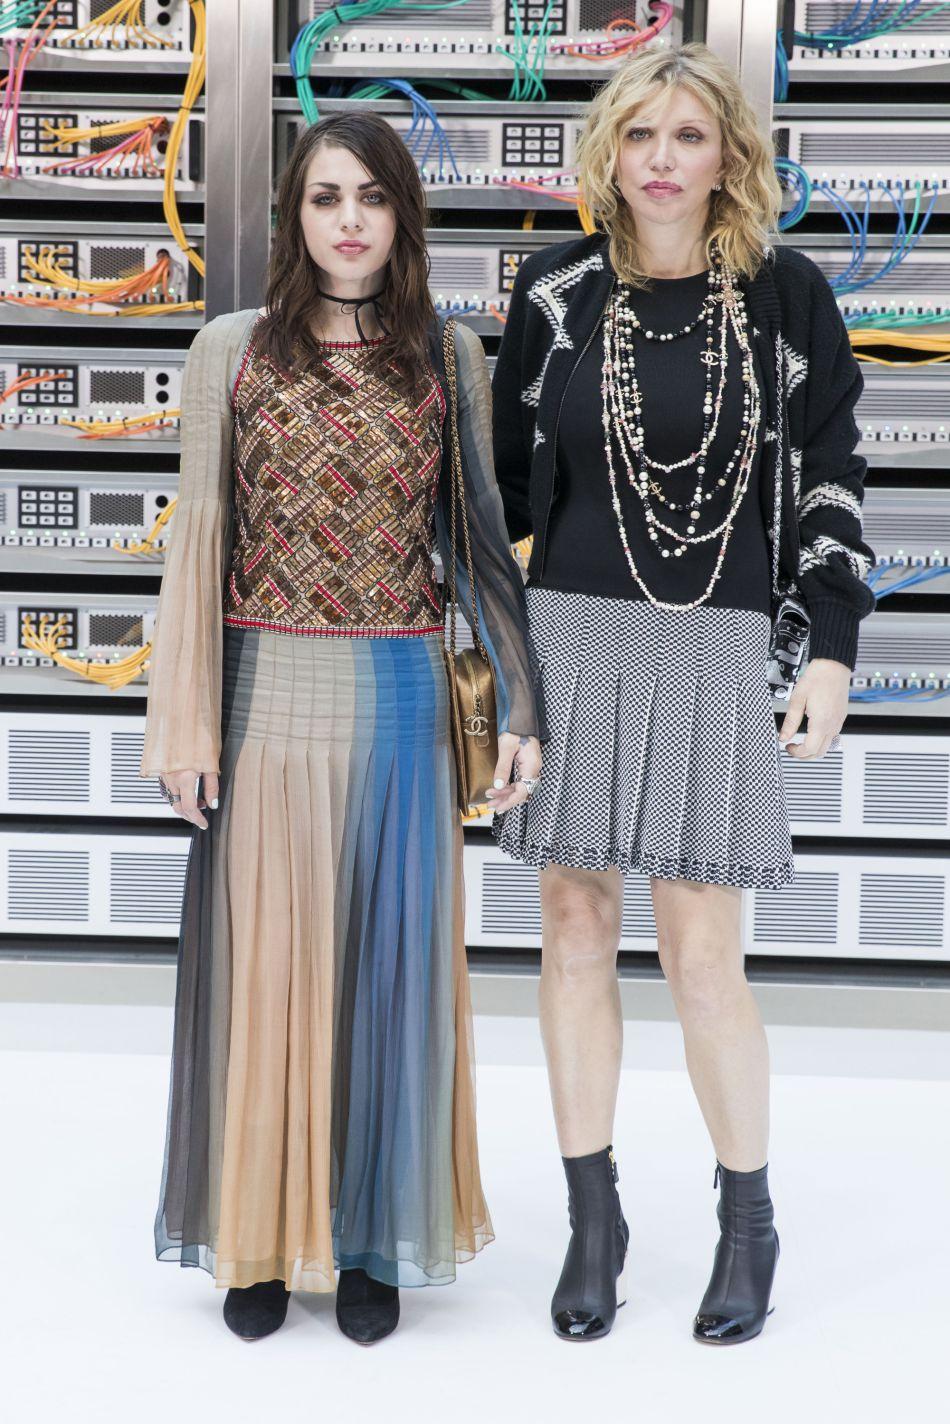 Chanel printemps-été 2017 : Courtney Love a assisté au défilé avec sa fille, Frances Bean Cobain.